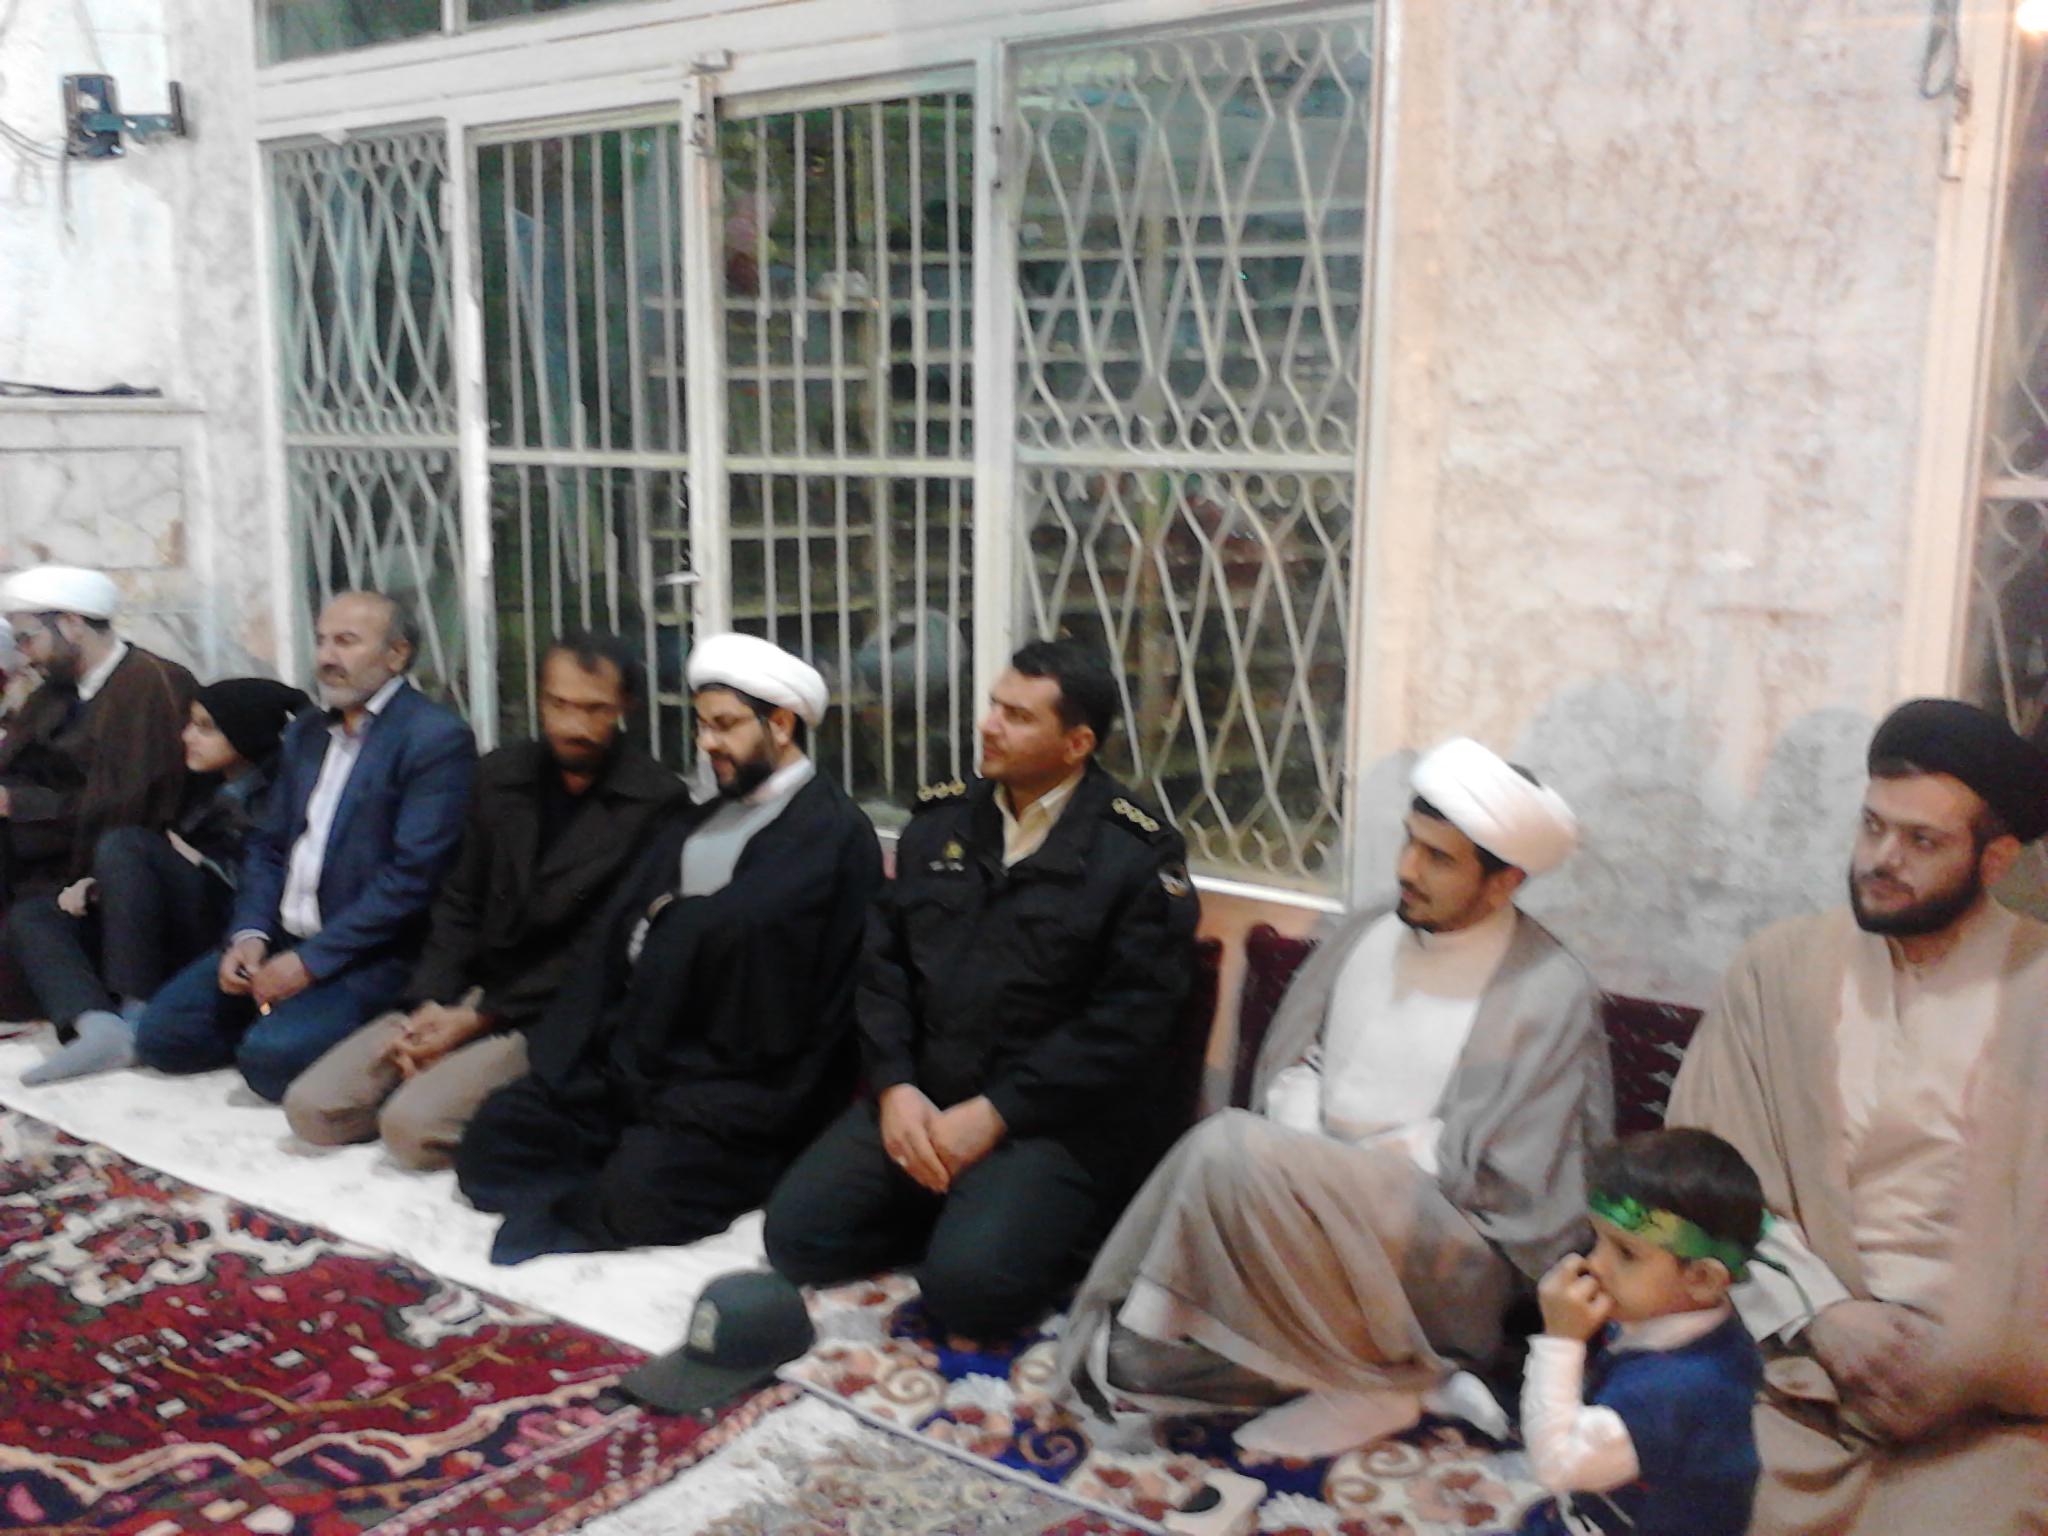 حضور امام جمعه محترم بخش قهدریجان و مسئولین شهر در شب میلاد حضرت زینب (سلام الله علیها)در مسجد بلال